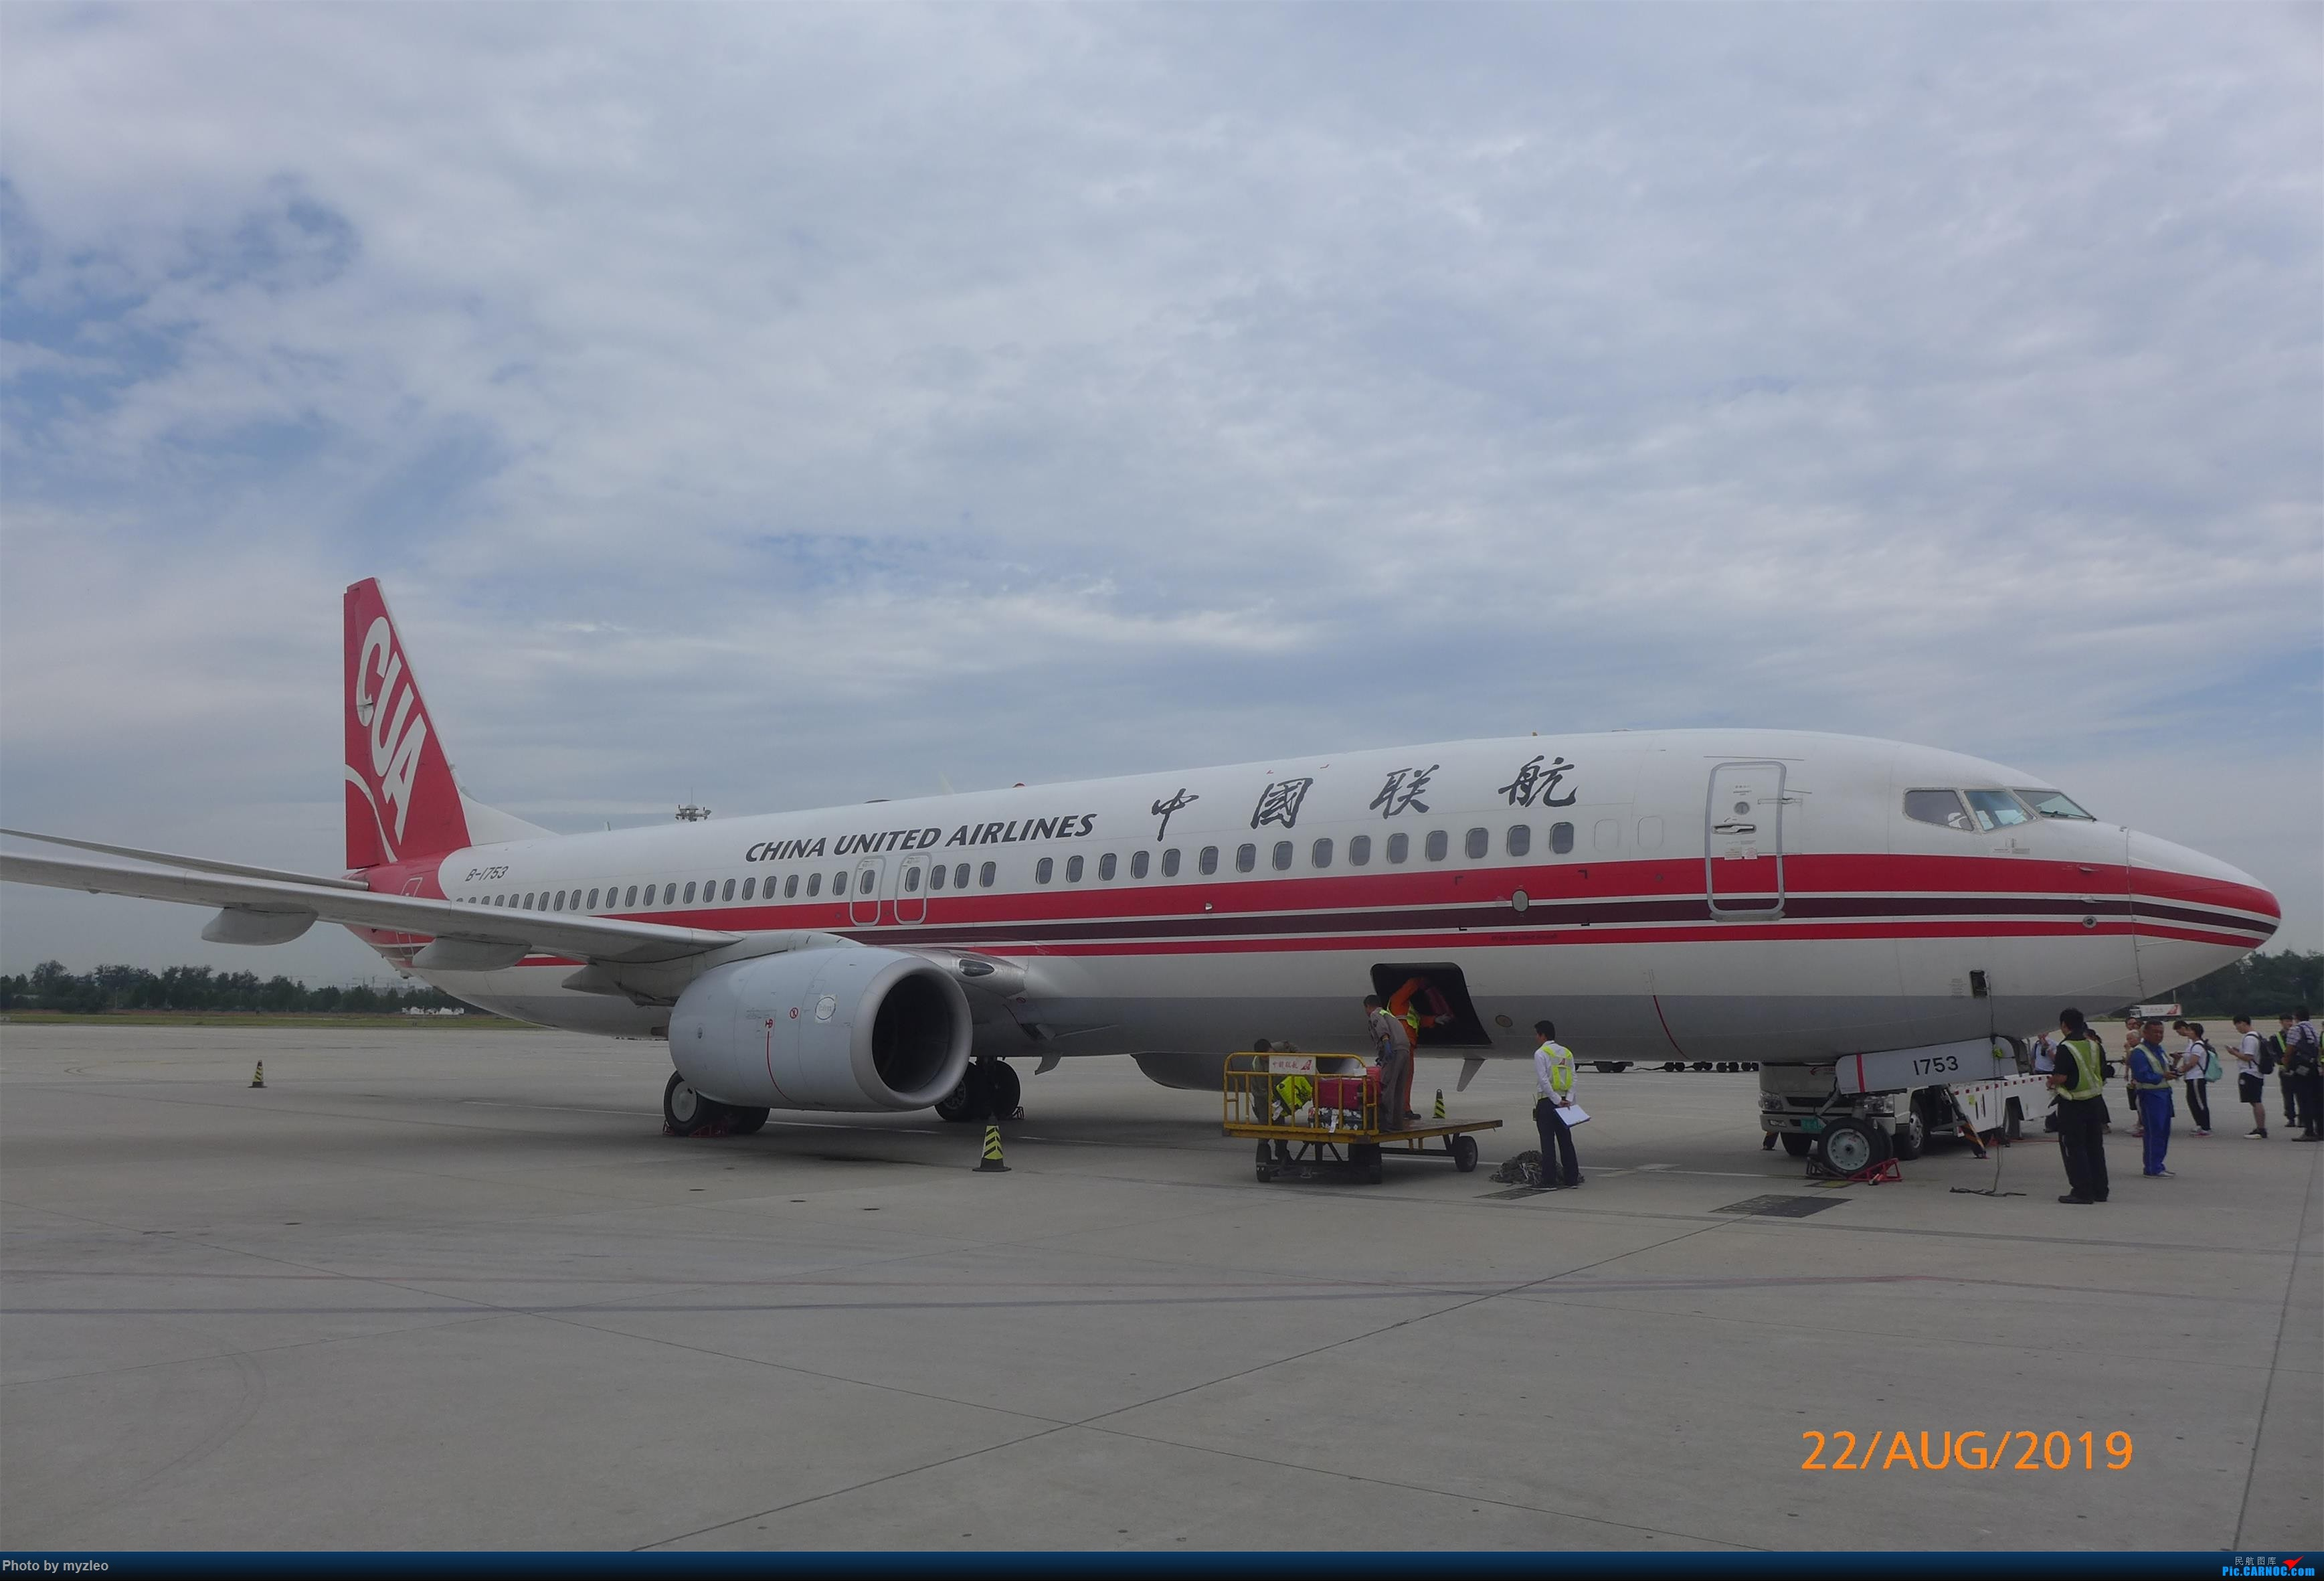 Re:[原创]【myzleo的游记5.2】梦圆一九(2)首访南苑把梦圆,初搭巴航连新缘 BOEING 737-800 B-1753 中国北京南苑机场